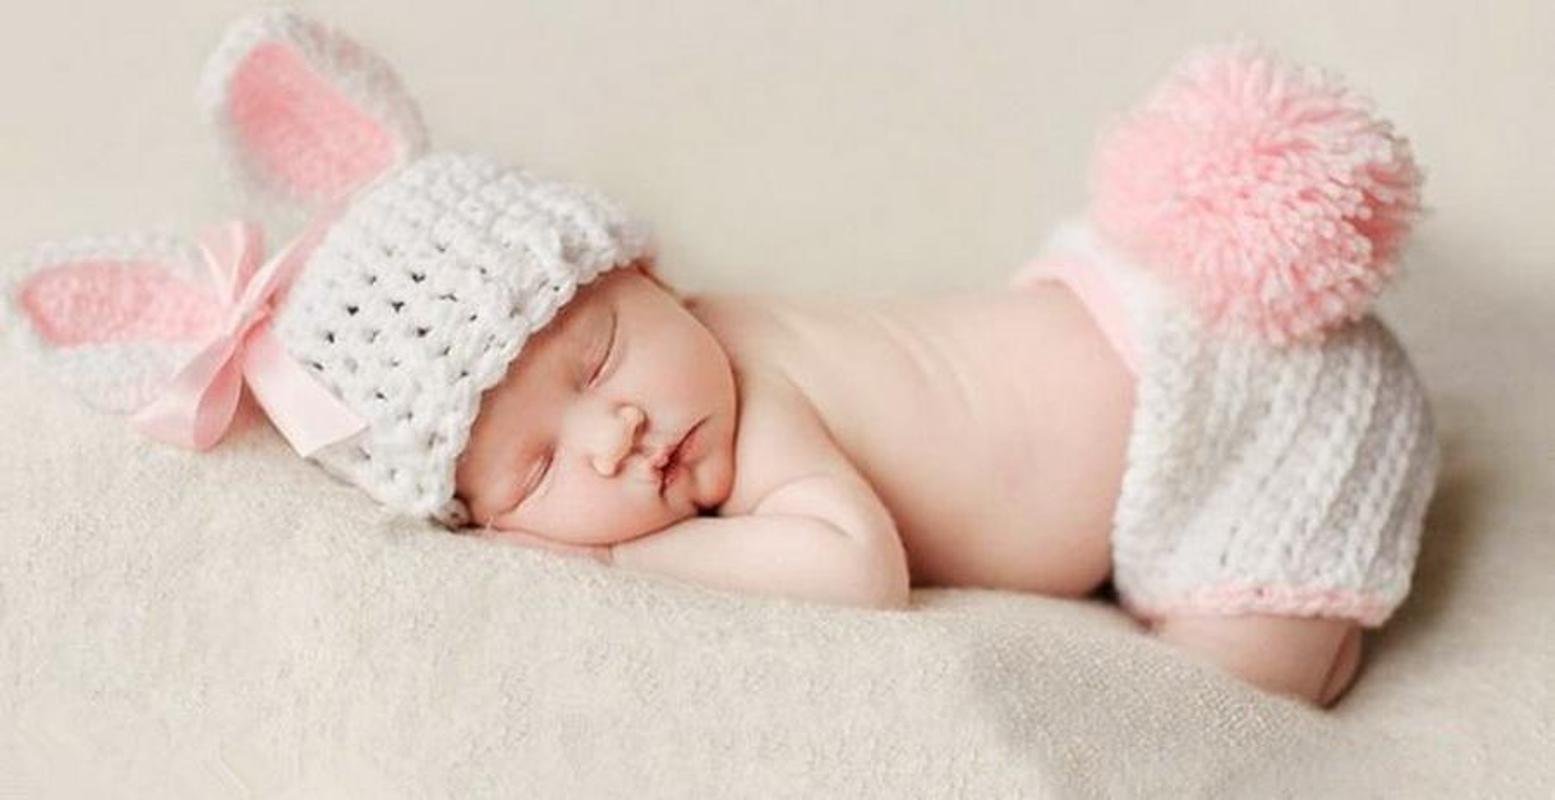 50set sombrero de los pantalones con tirantes Conjunto infantil hecha a mano la foto del bebé del traje de ganchillo bebé recién nacido accesorios de fotos accesorios